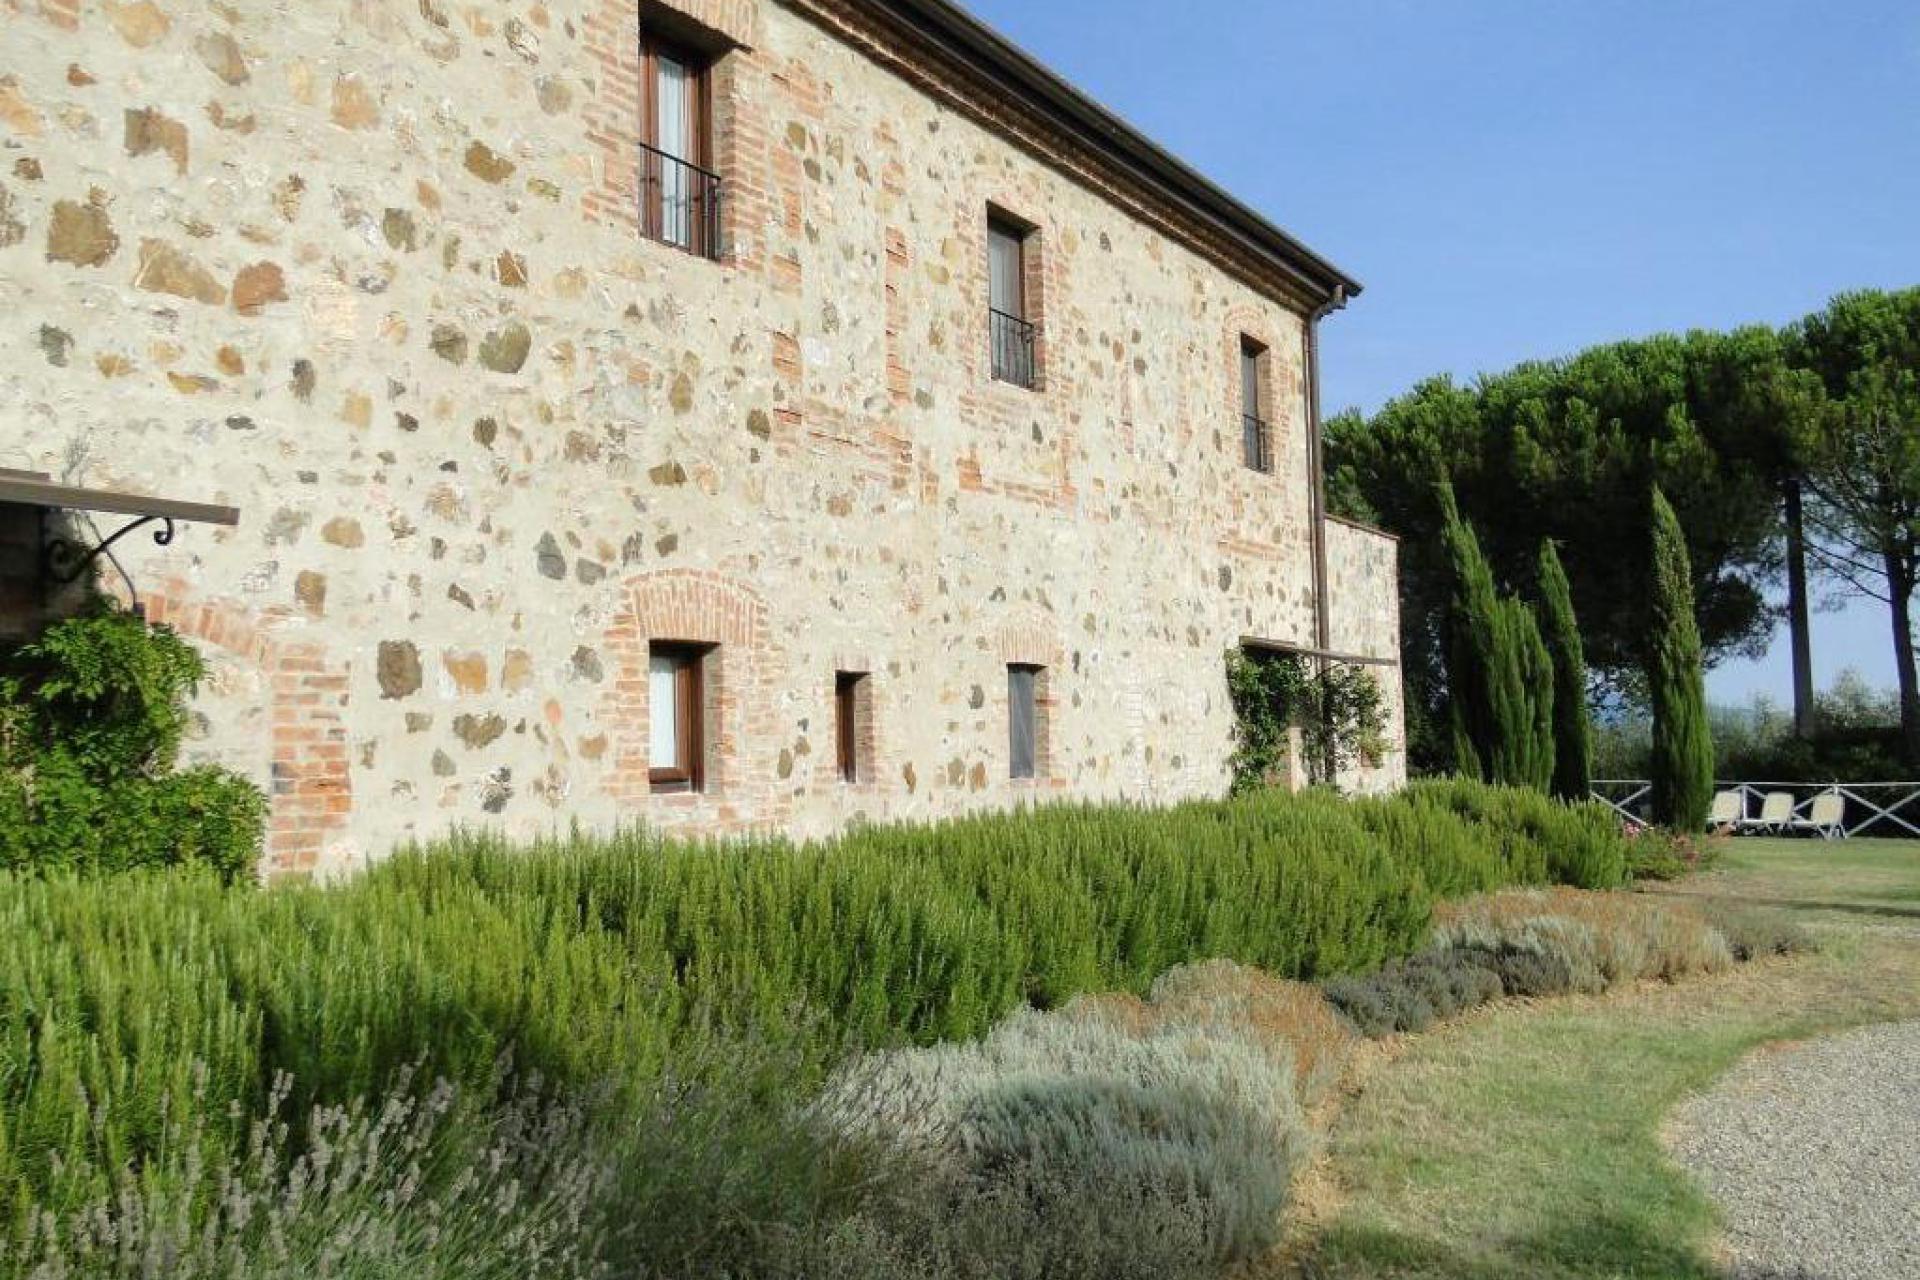 Agriturismo Toskana Agriturismo Toskana, ruhig und inmitten von Weinbergen